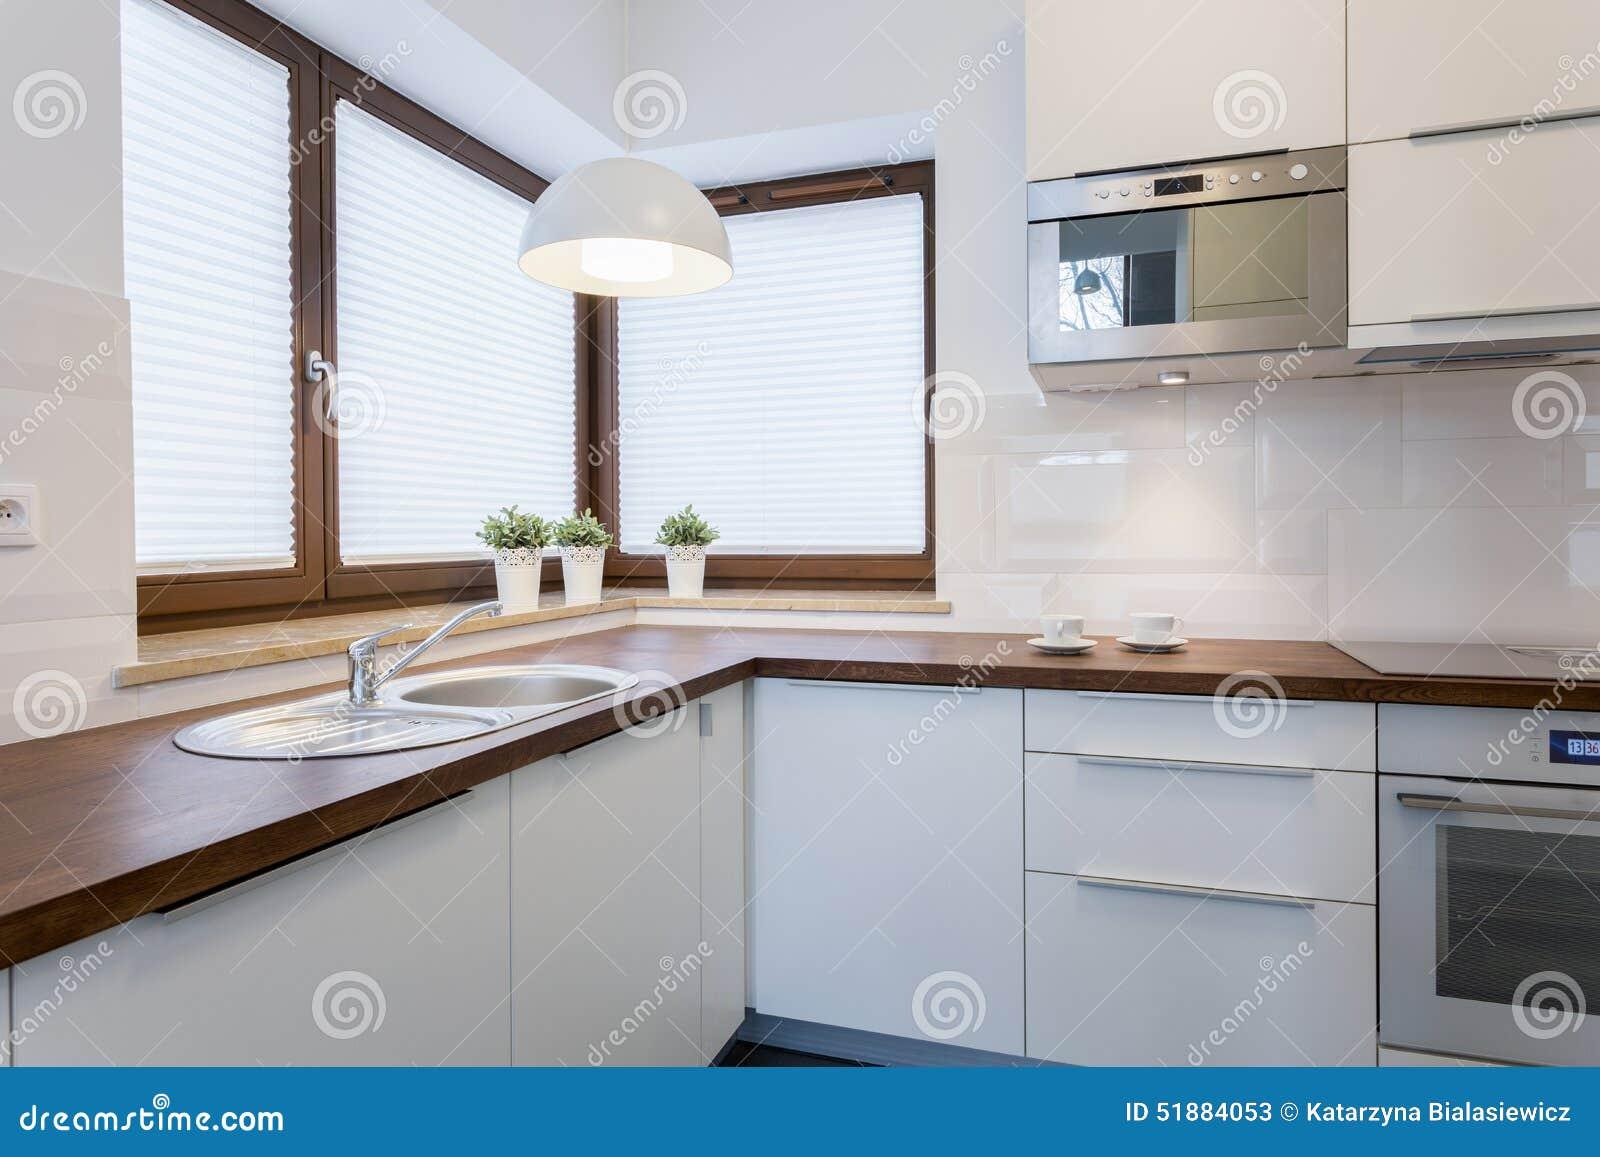 Controsoffitti di legno in cucina tradizionale immagine for Cucina tradizionale